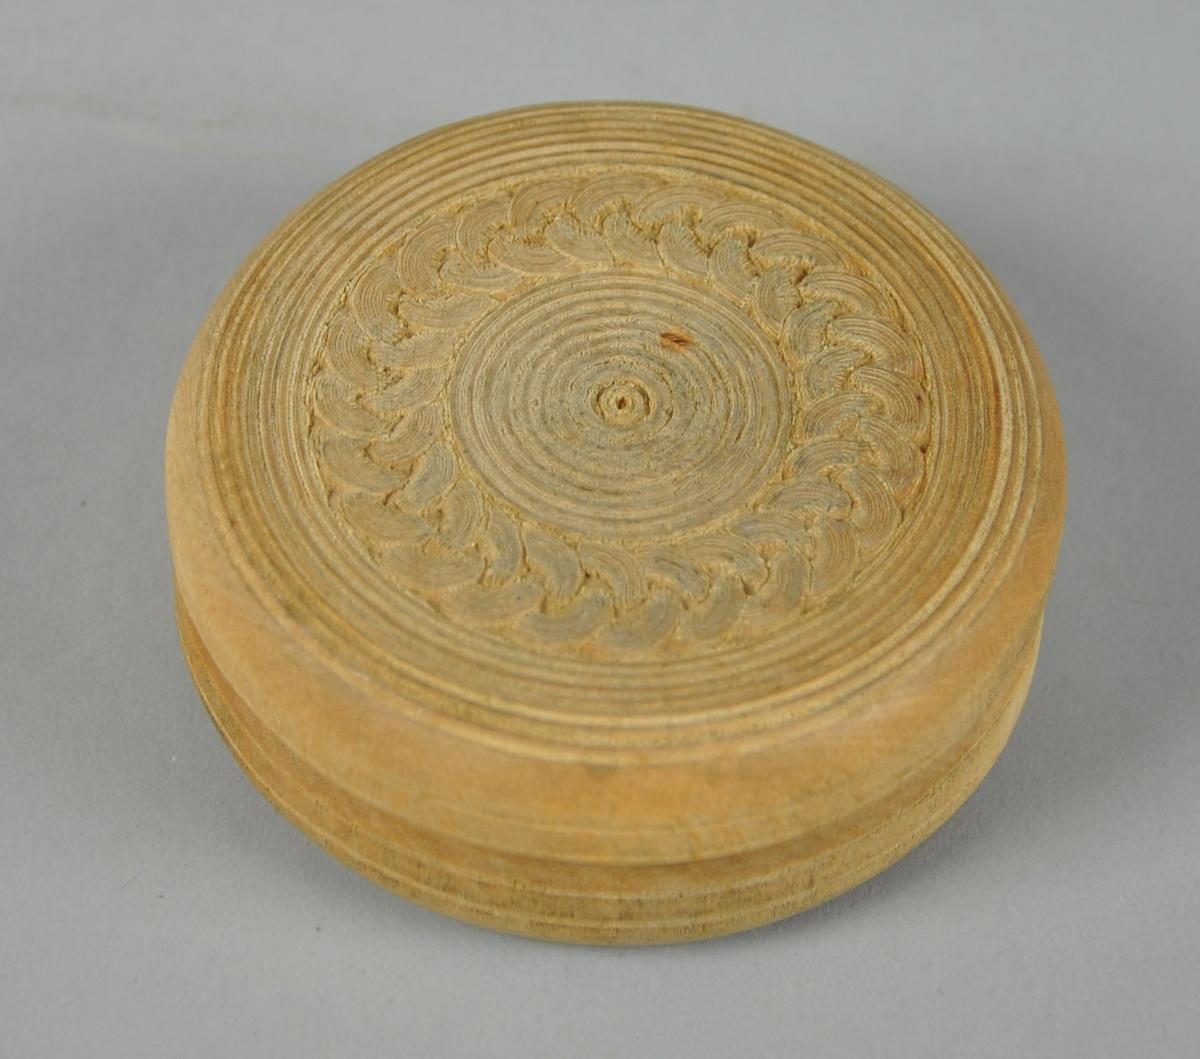 Rund eske av tre, med avtagbart lokk. Esken har innrisset dekor med sirkel- og kjettingmotiv, bunnen har konsentriske sirkler og rutenett.